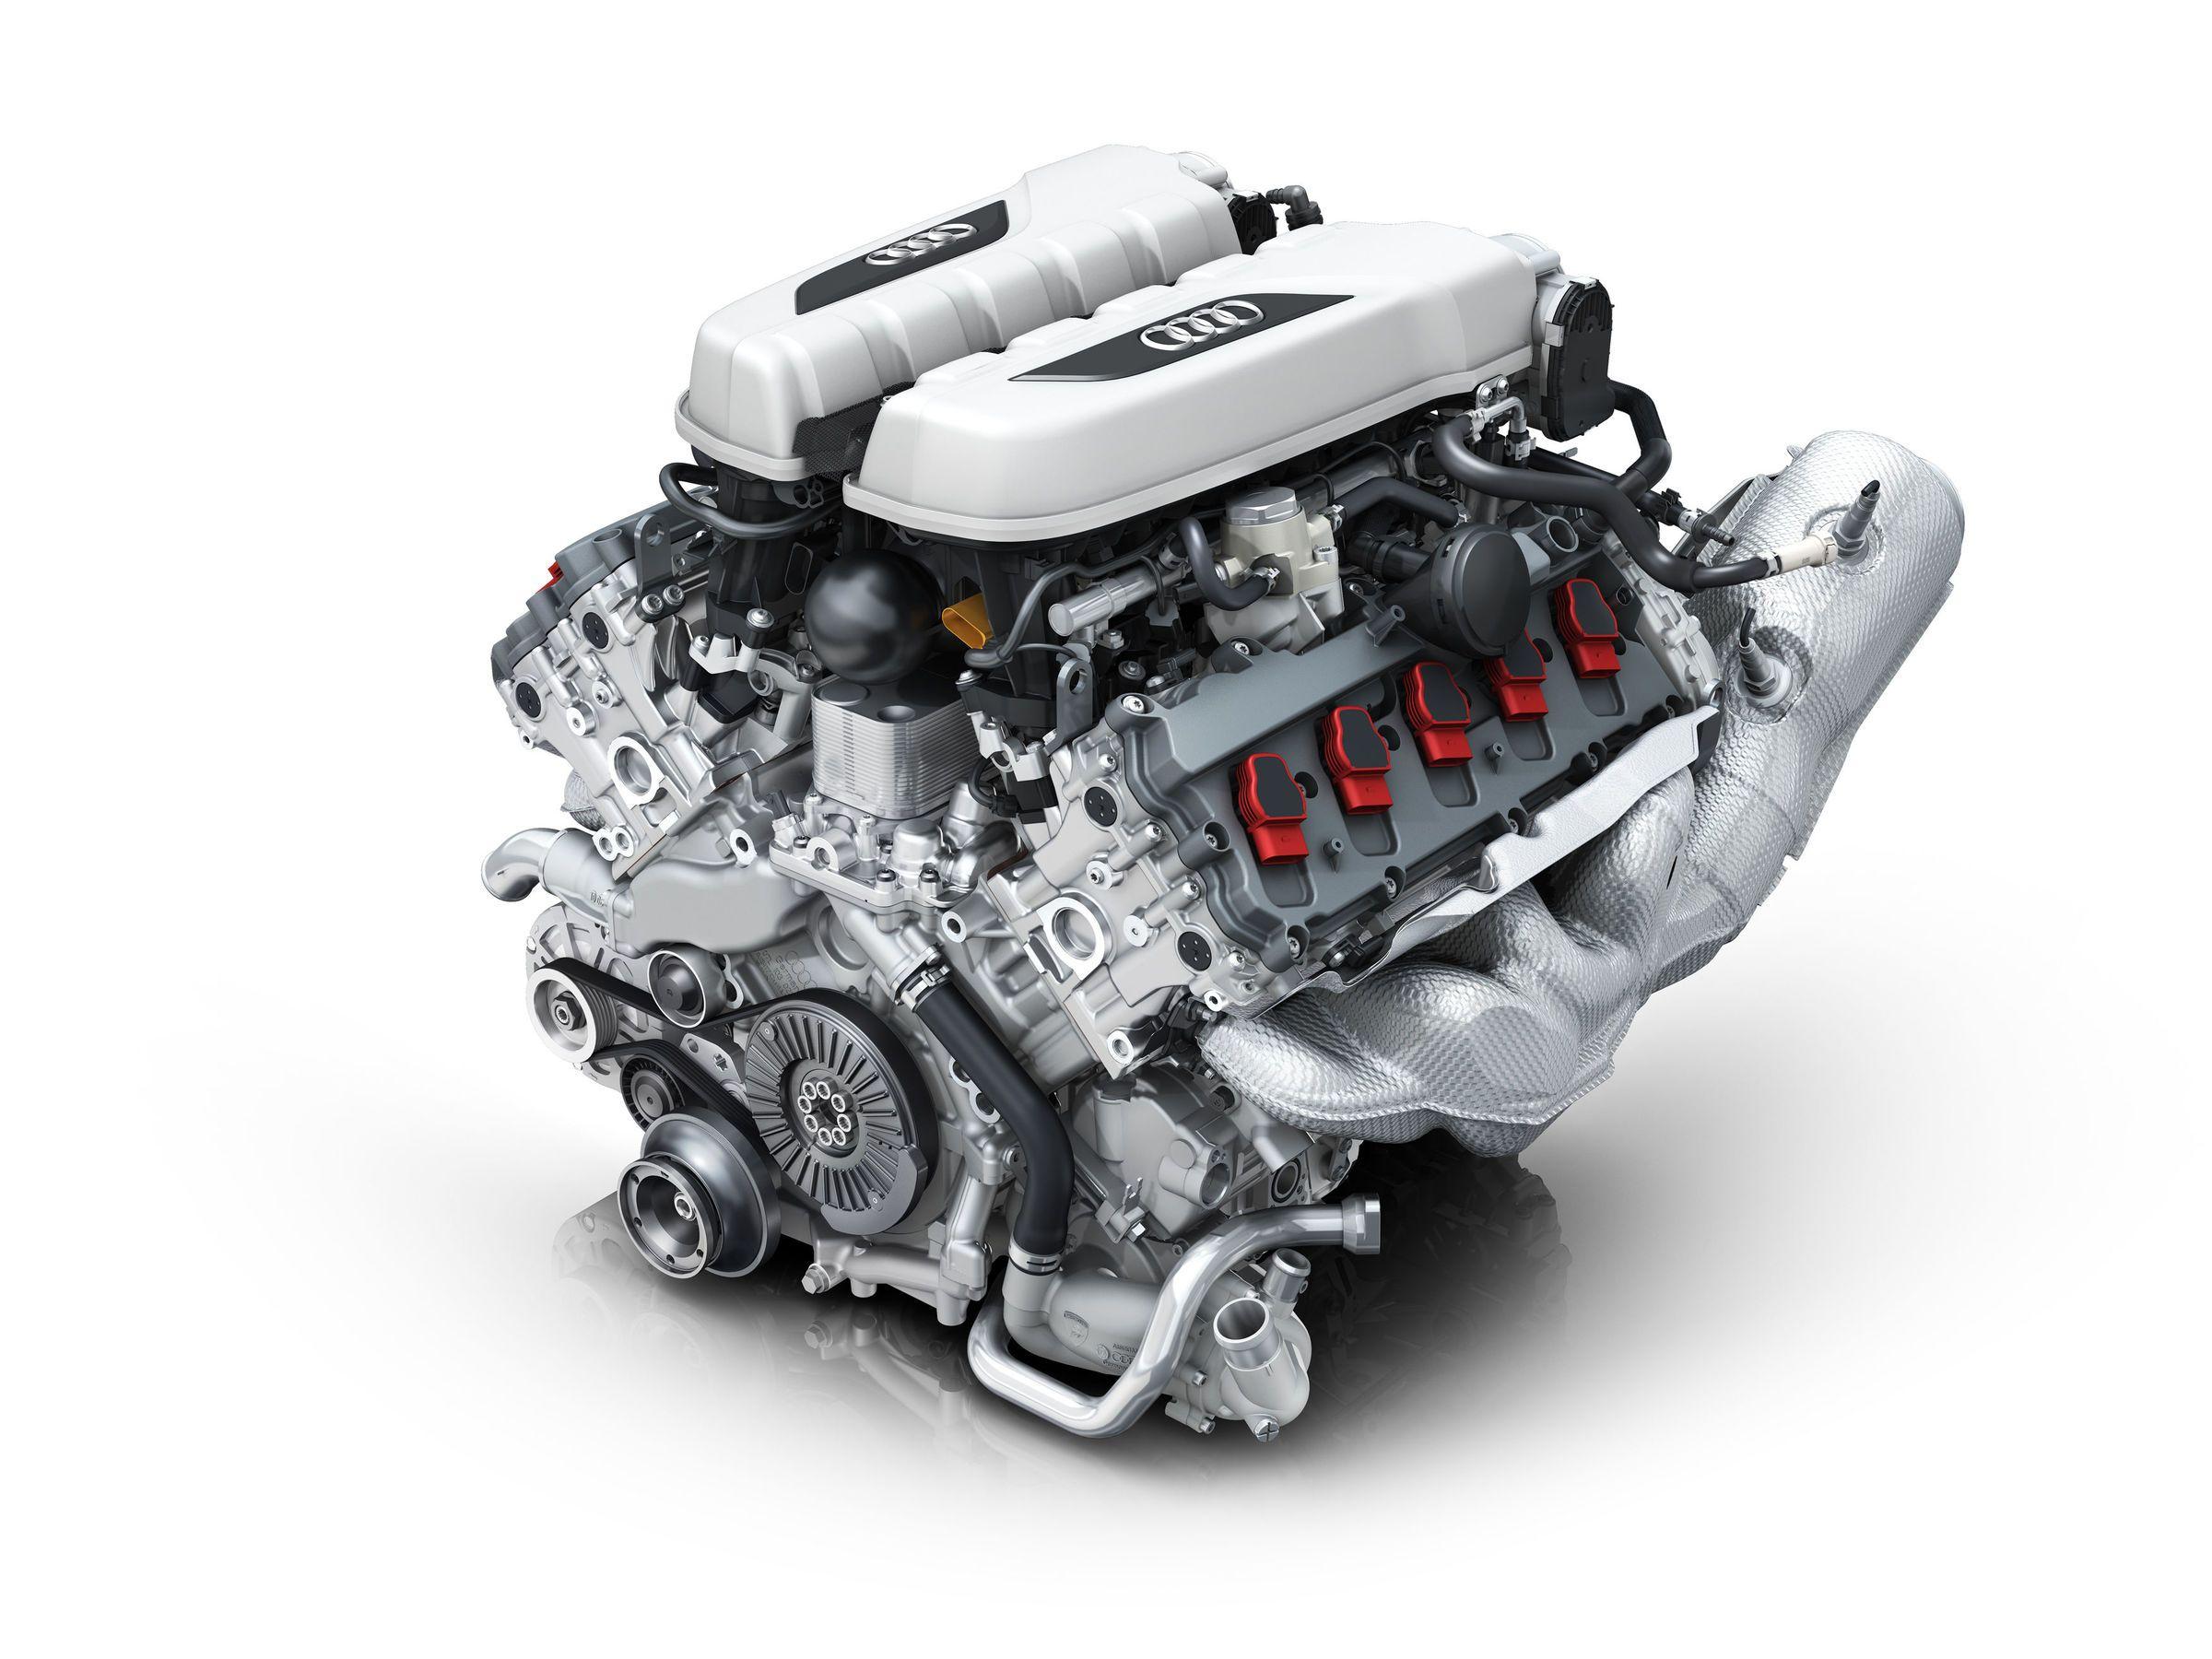 Lamborghini / Audi 5.2L V10 Engine